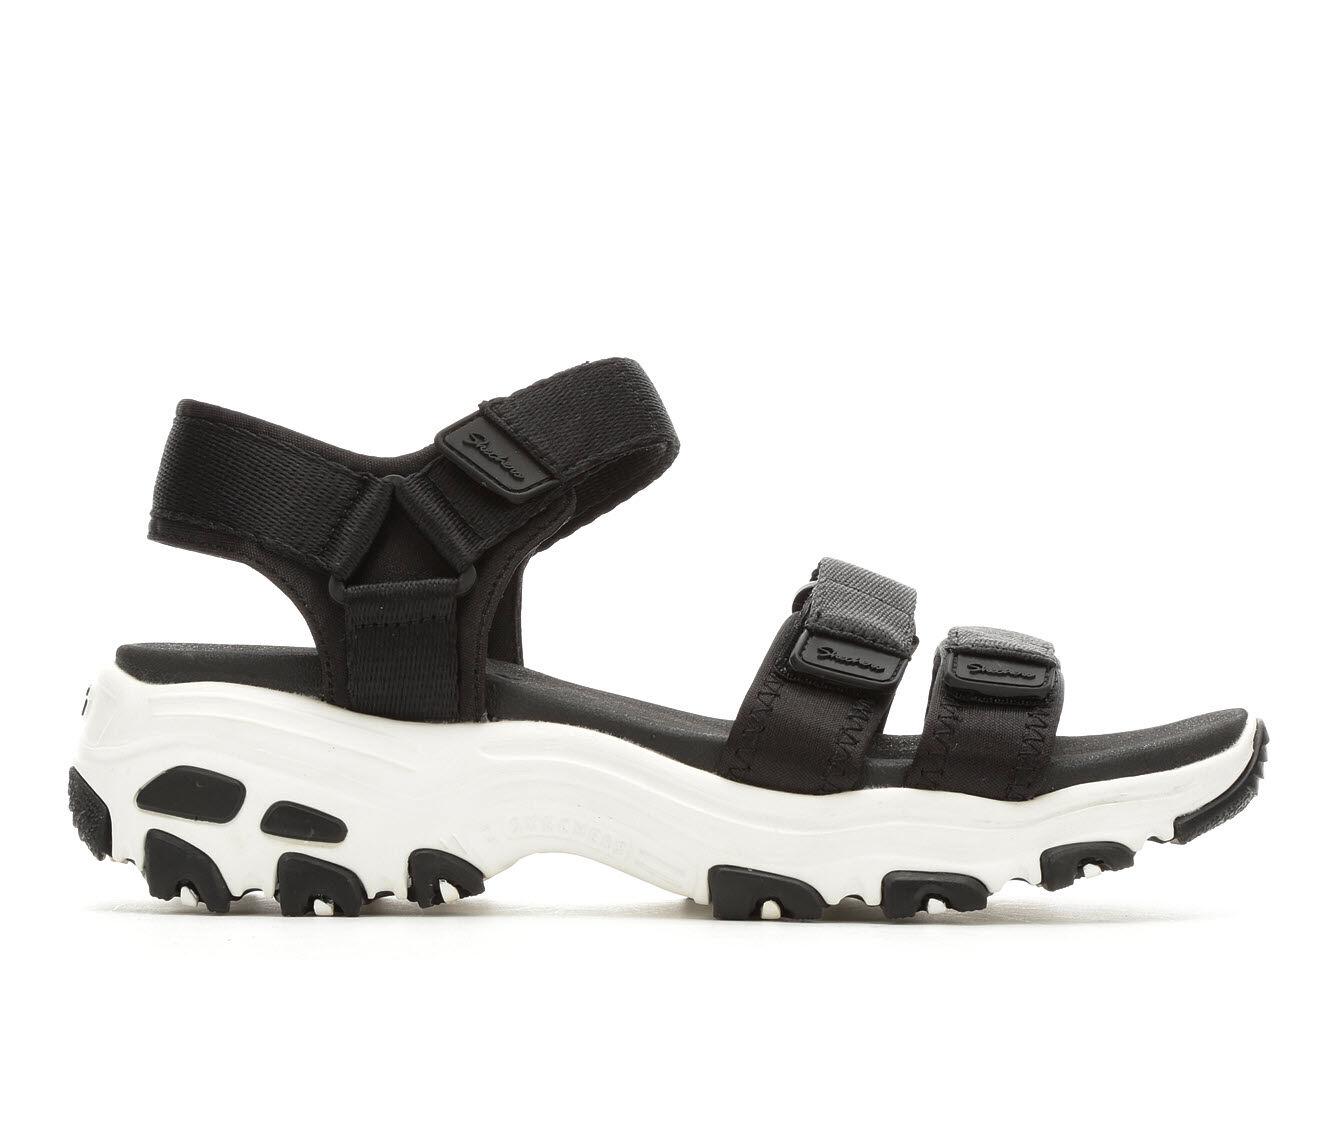 get cheap authentic Women's Skechers Cali D'Lites Fresh Catch Flatform Sandals Black